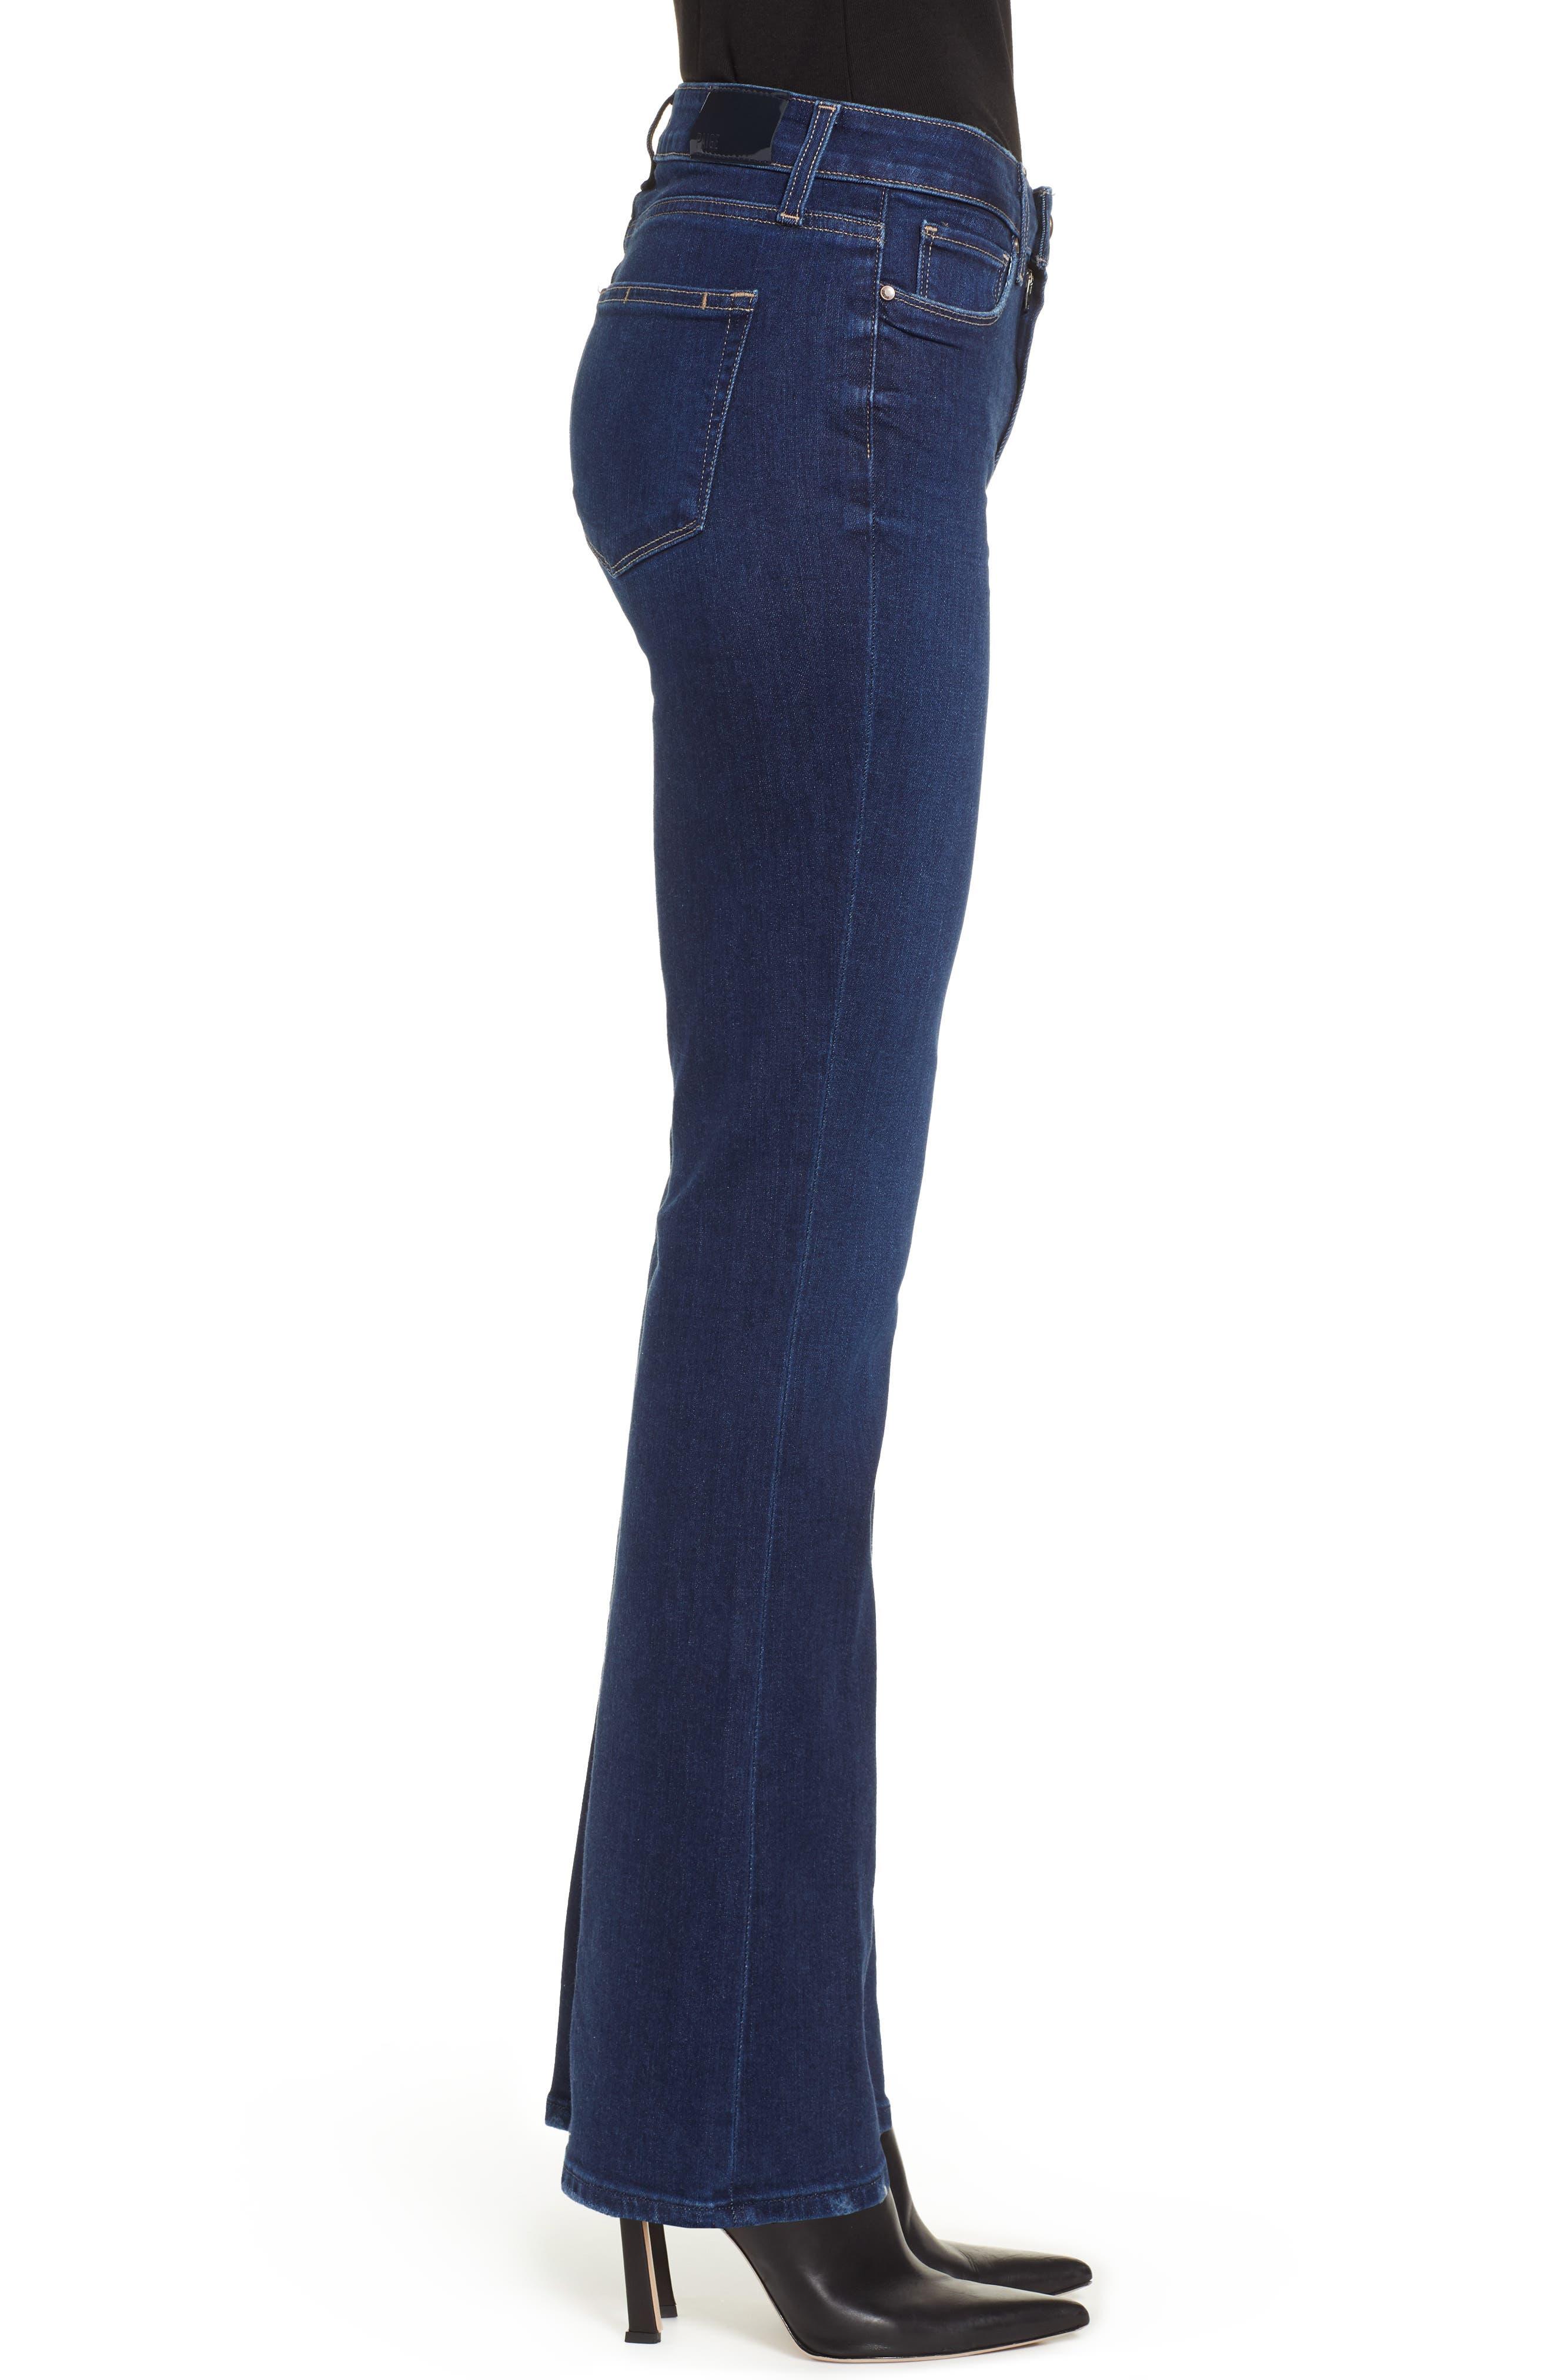 PAIGE, Transcend Vintage - Manhattan High Waist Bootcut Jeans, Alternate thumbnail 4, color, 400